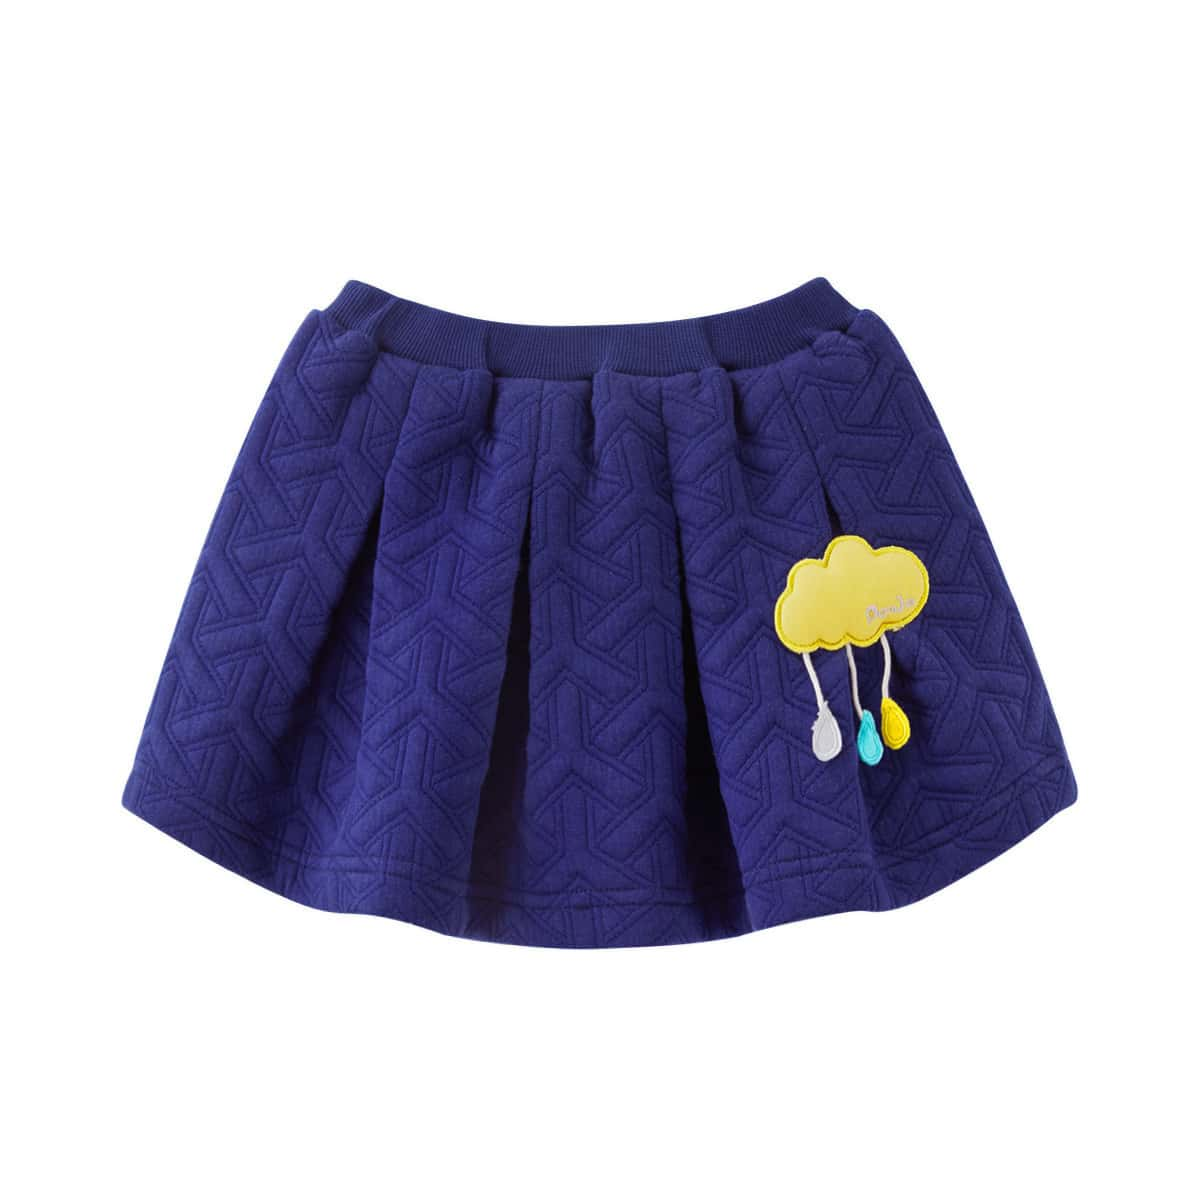 Плиссированная юбка с заплатой облака для девочек